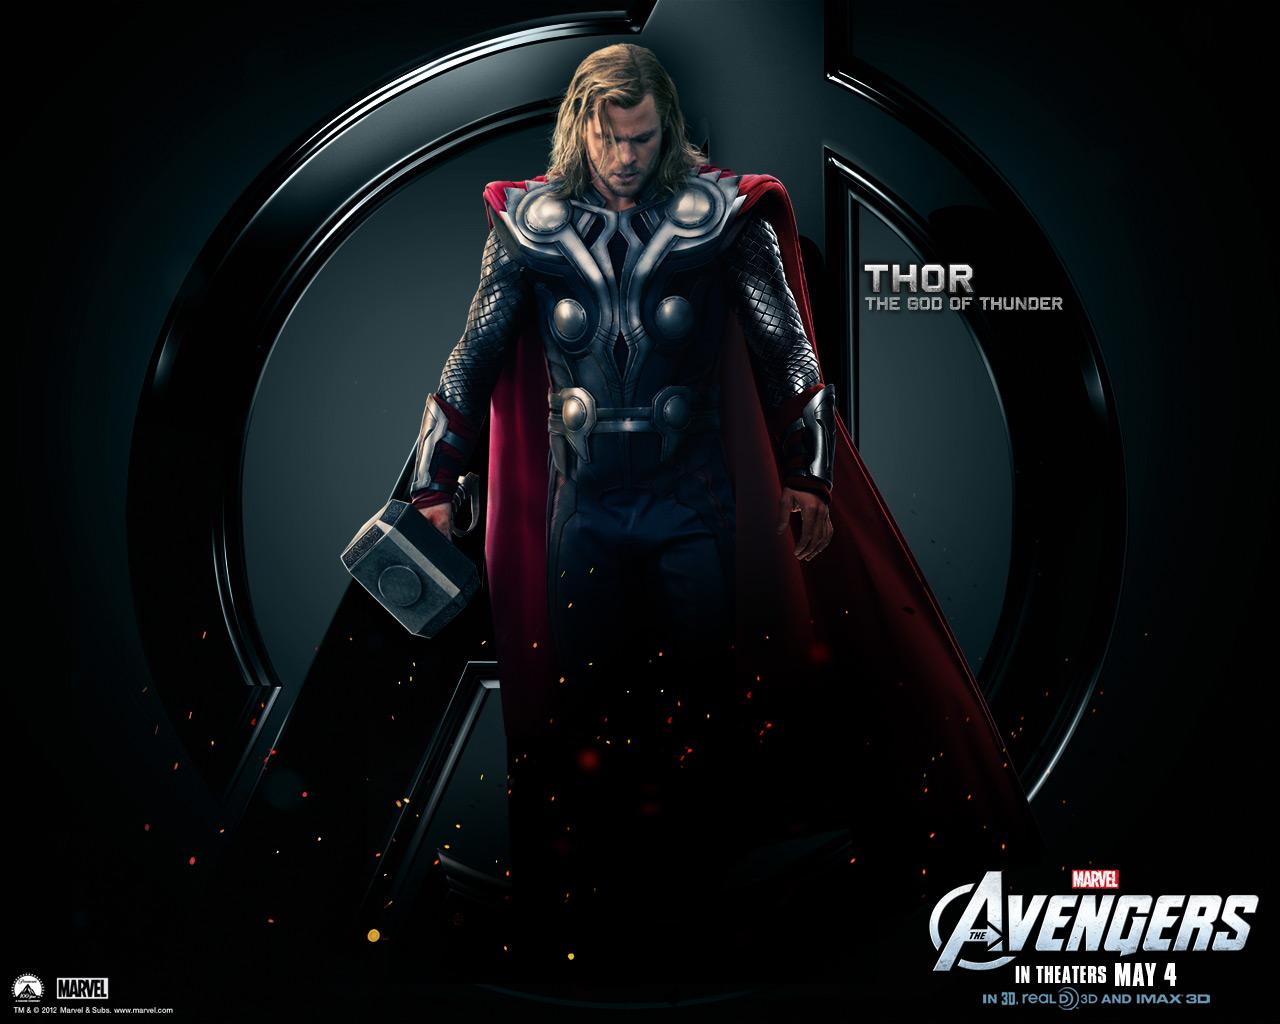 アベンジャーズのヒーローから敵まで 幅広いキャラの高画質な画像の